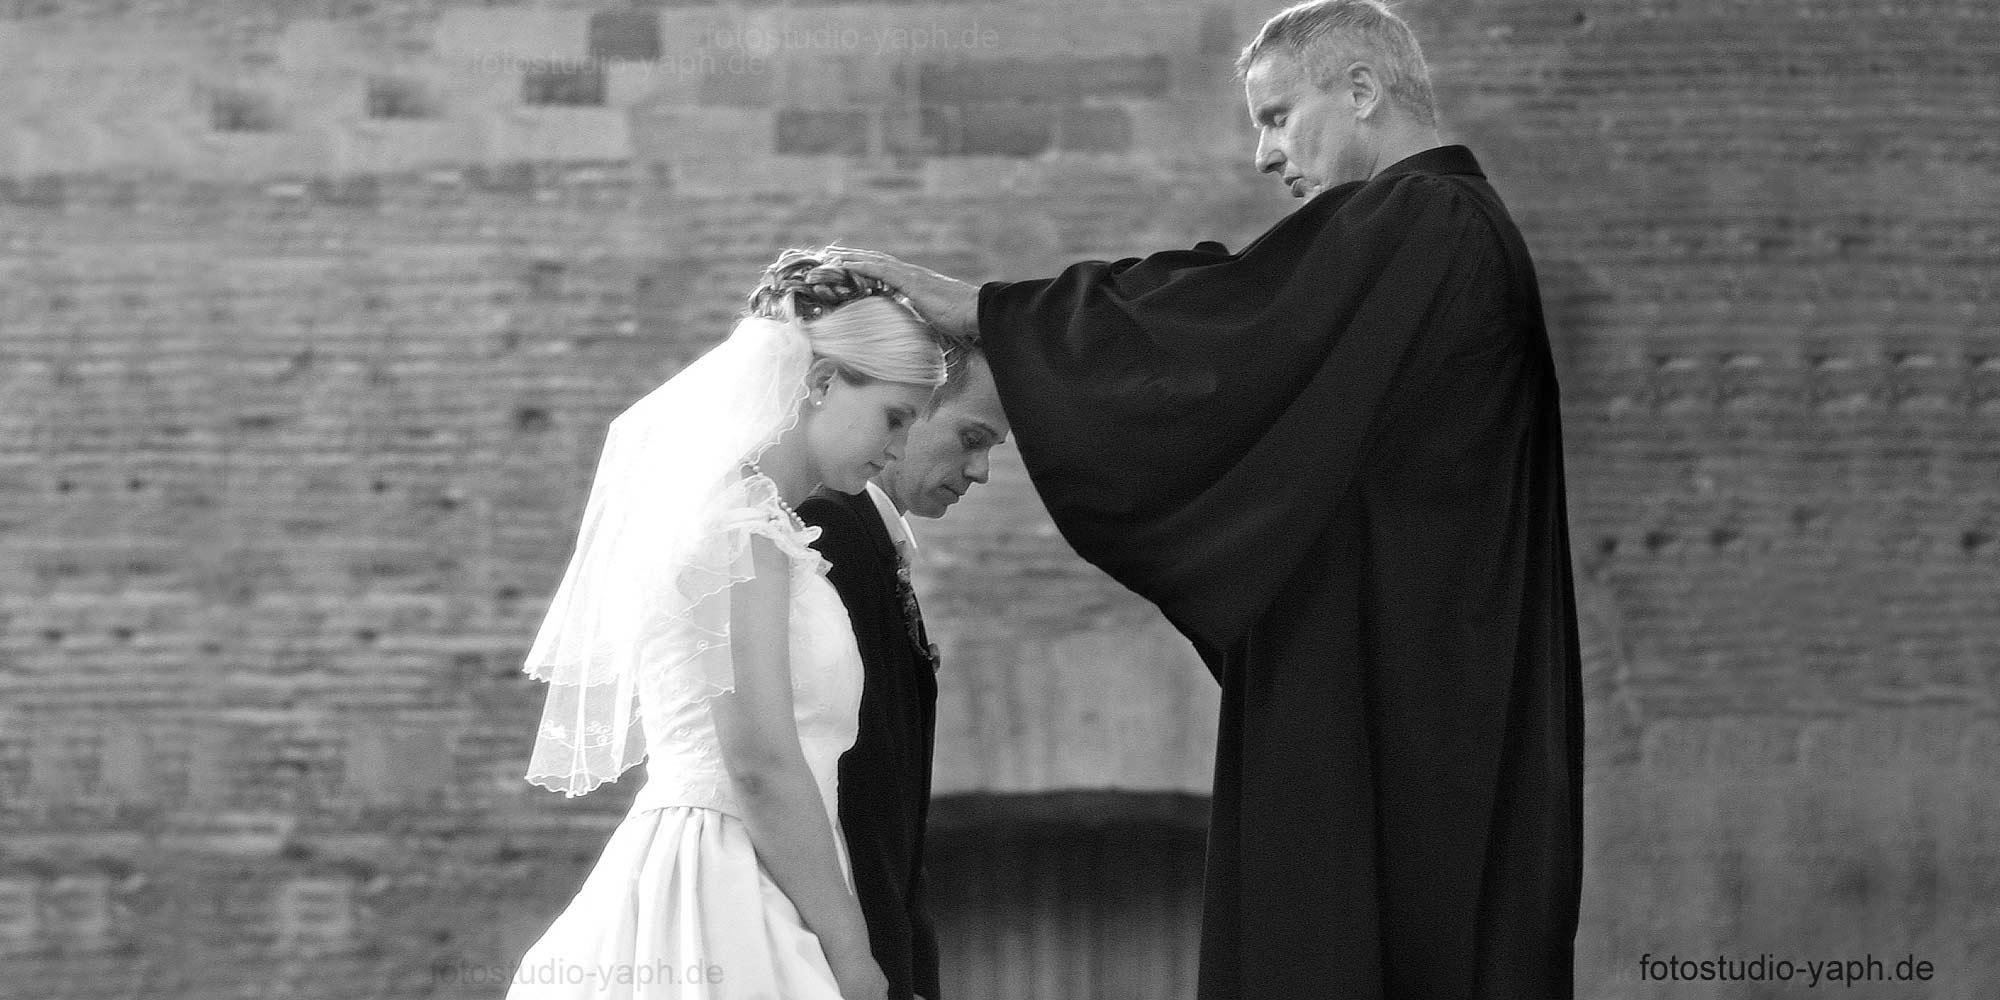 Hochzeitsfotografie vom Fotostudio Yaph in der evangelischen Basilika in Trier zum Höhepunkt der Trauung